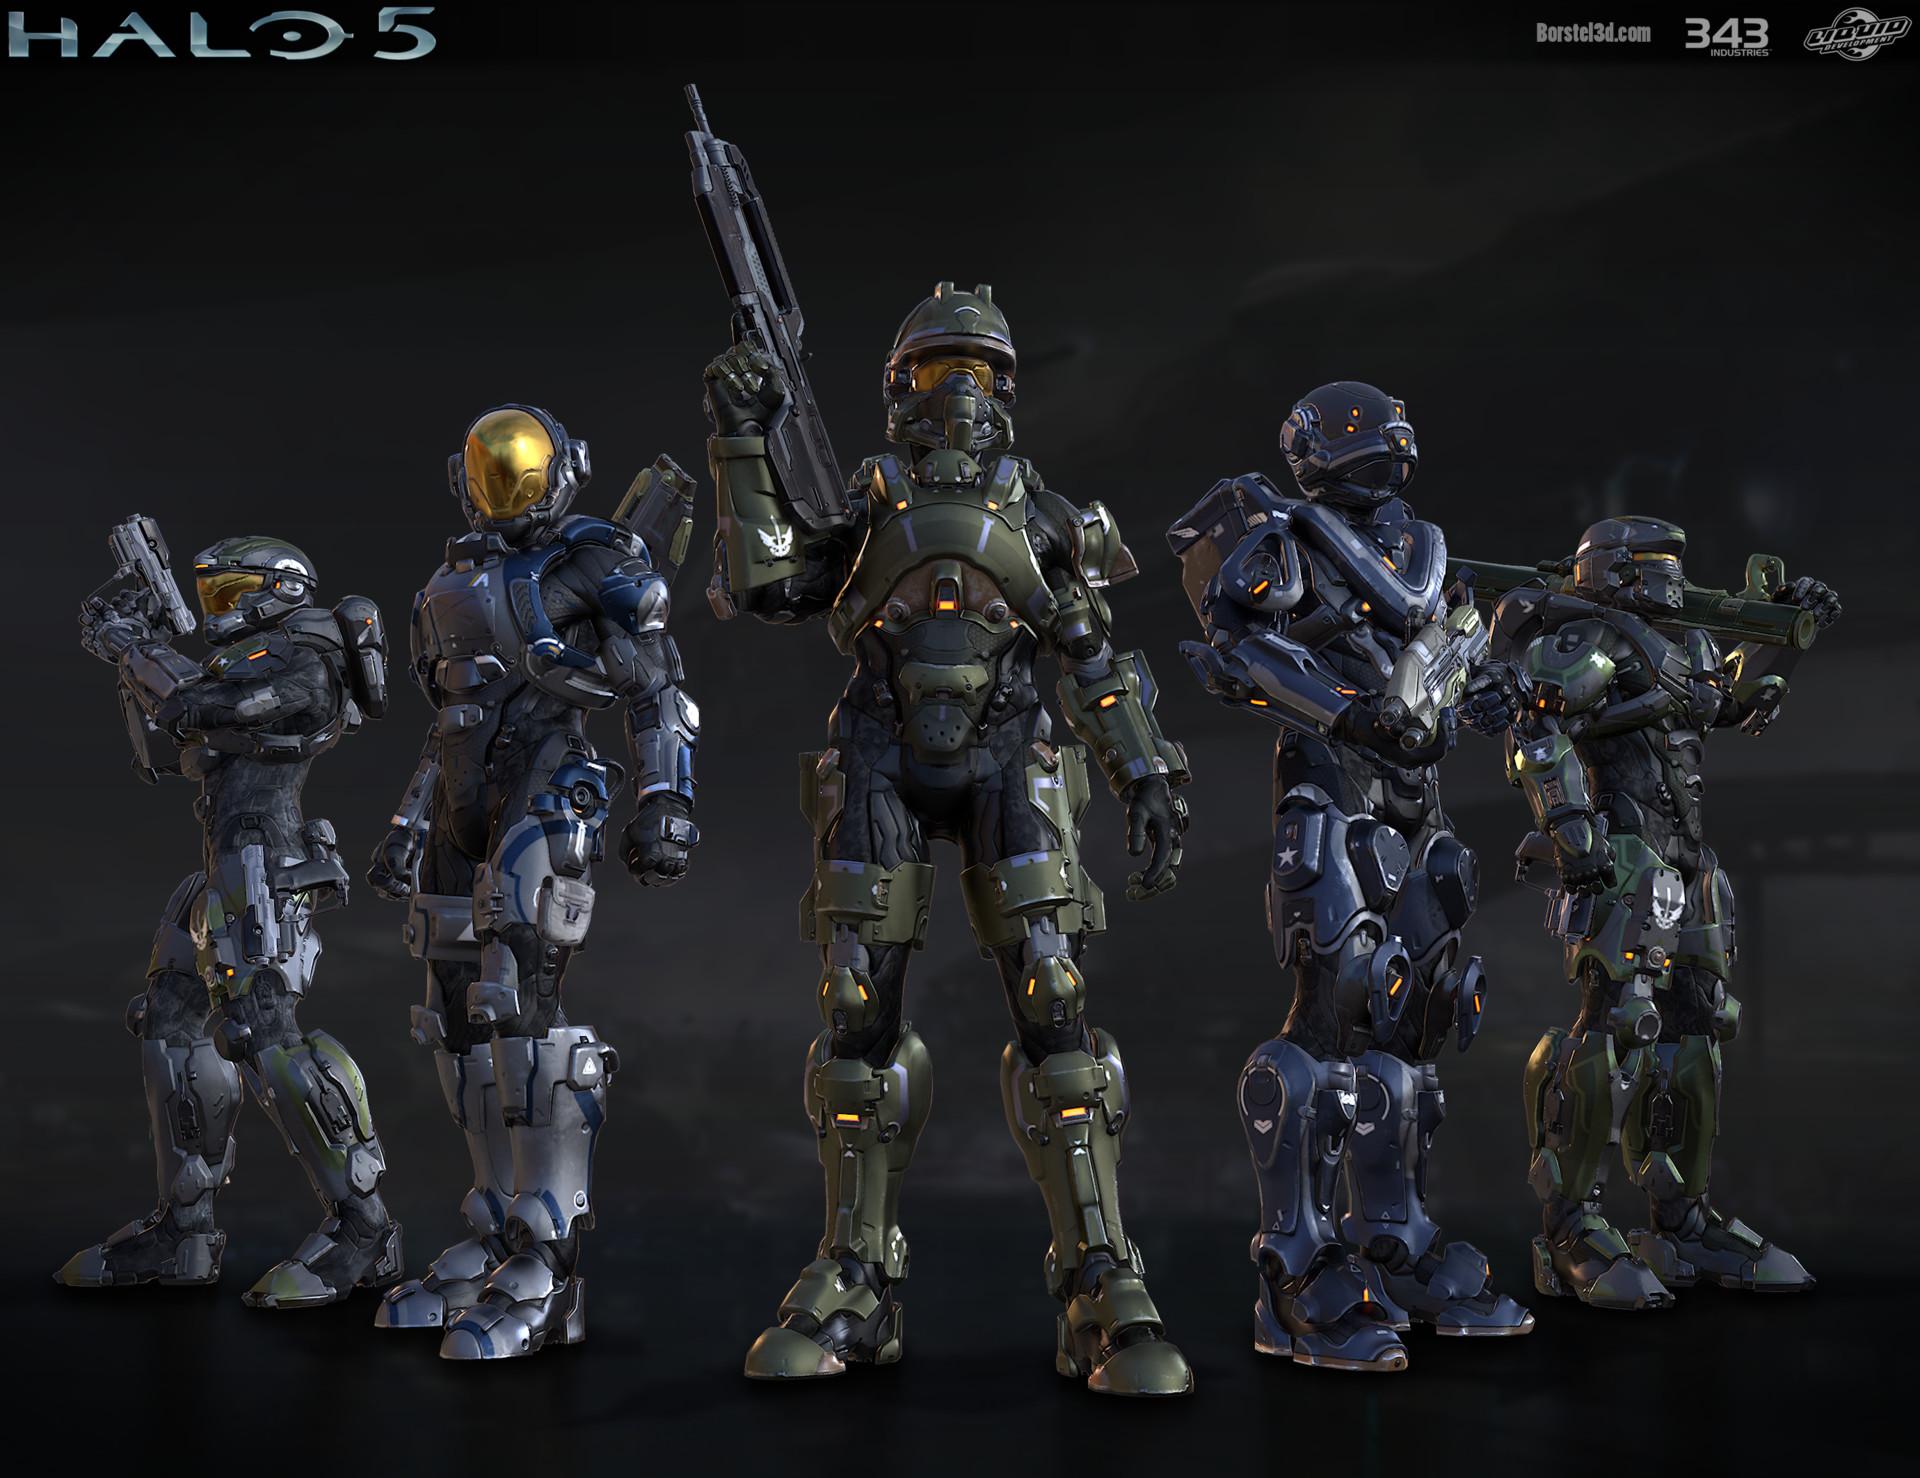 ArtStation - Halo 5: multiplayer group shot, Mark von Borstel